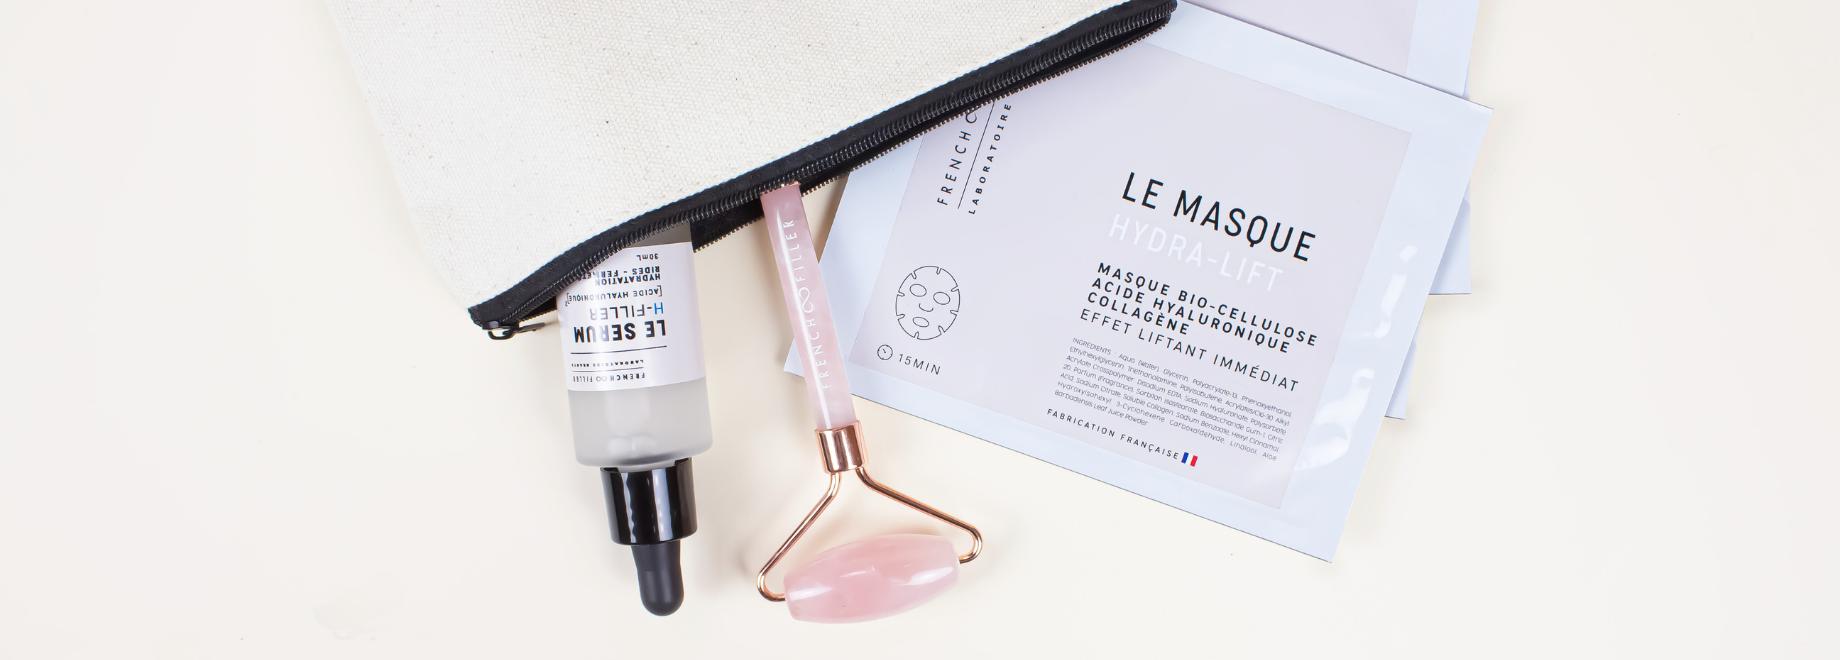 routines French Filler beauty skincare cosmeceutique sérum quartz